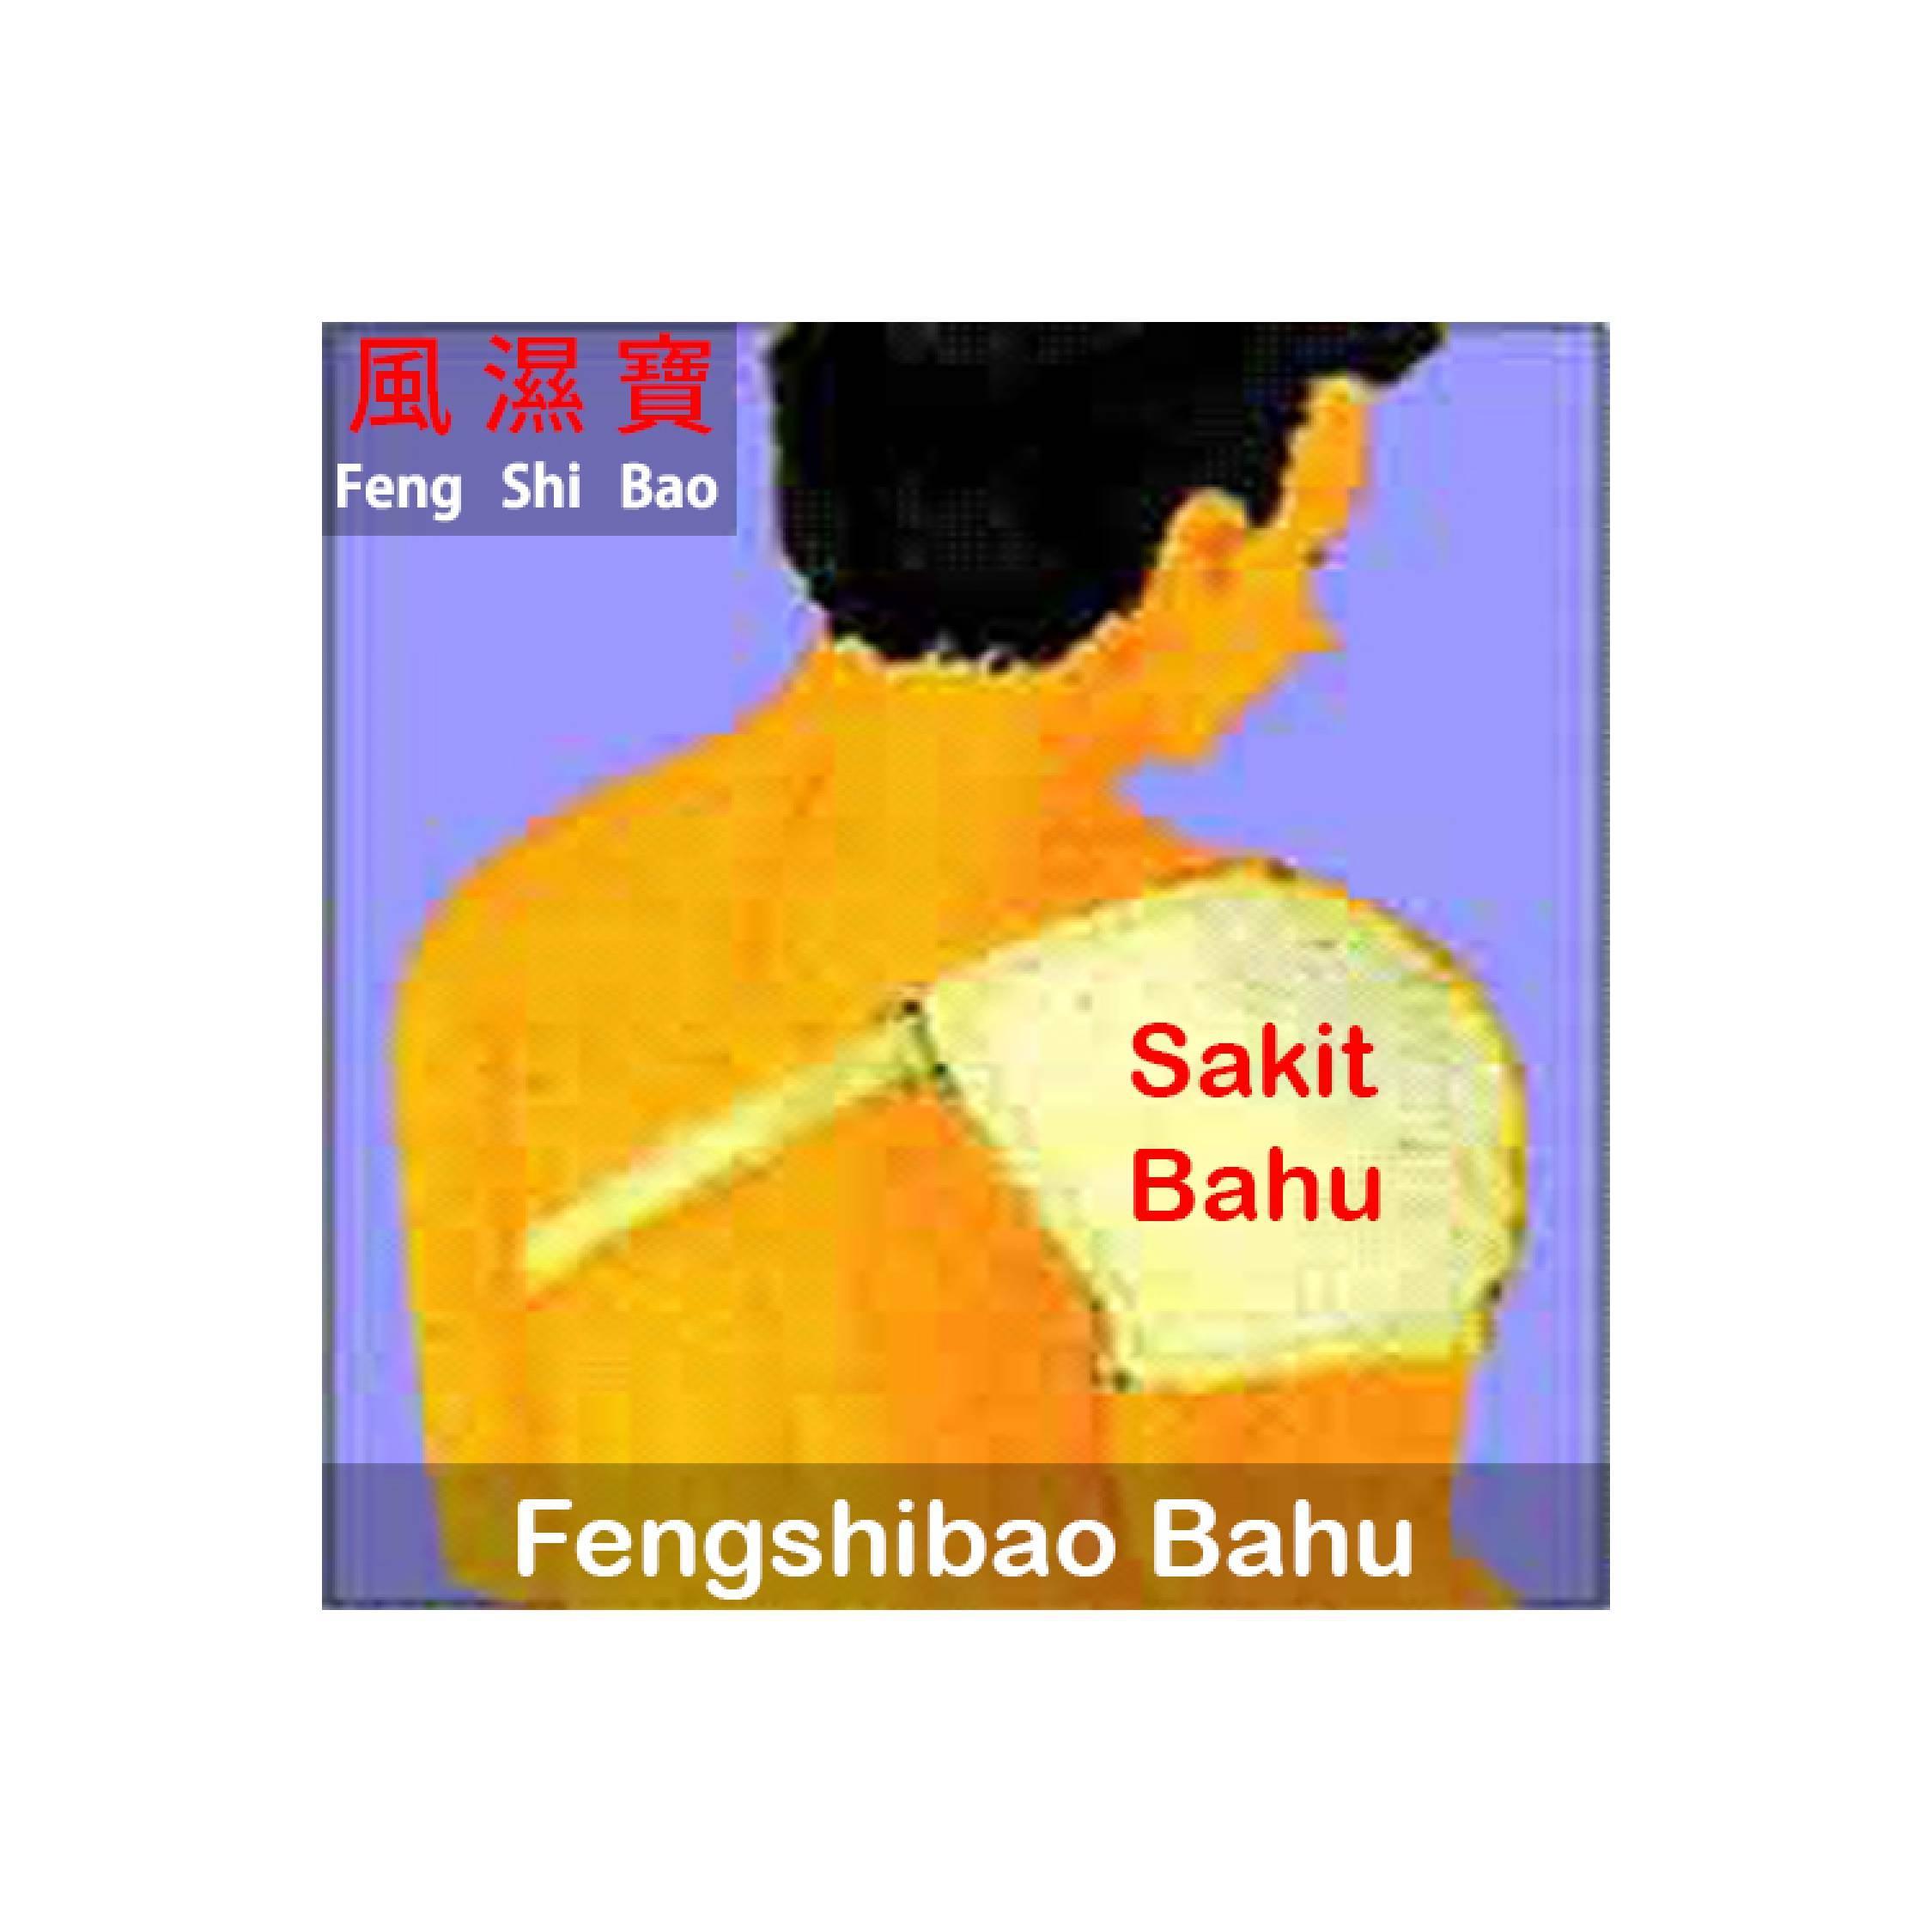 Jual Fengshibao Lutut Murah Garansi Dan Berkualitas Id Store Obat Gosok Asam Urat Fengshijiu Tradisional Punggungidr585000 Rp 616000 Bahuidr616000